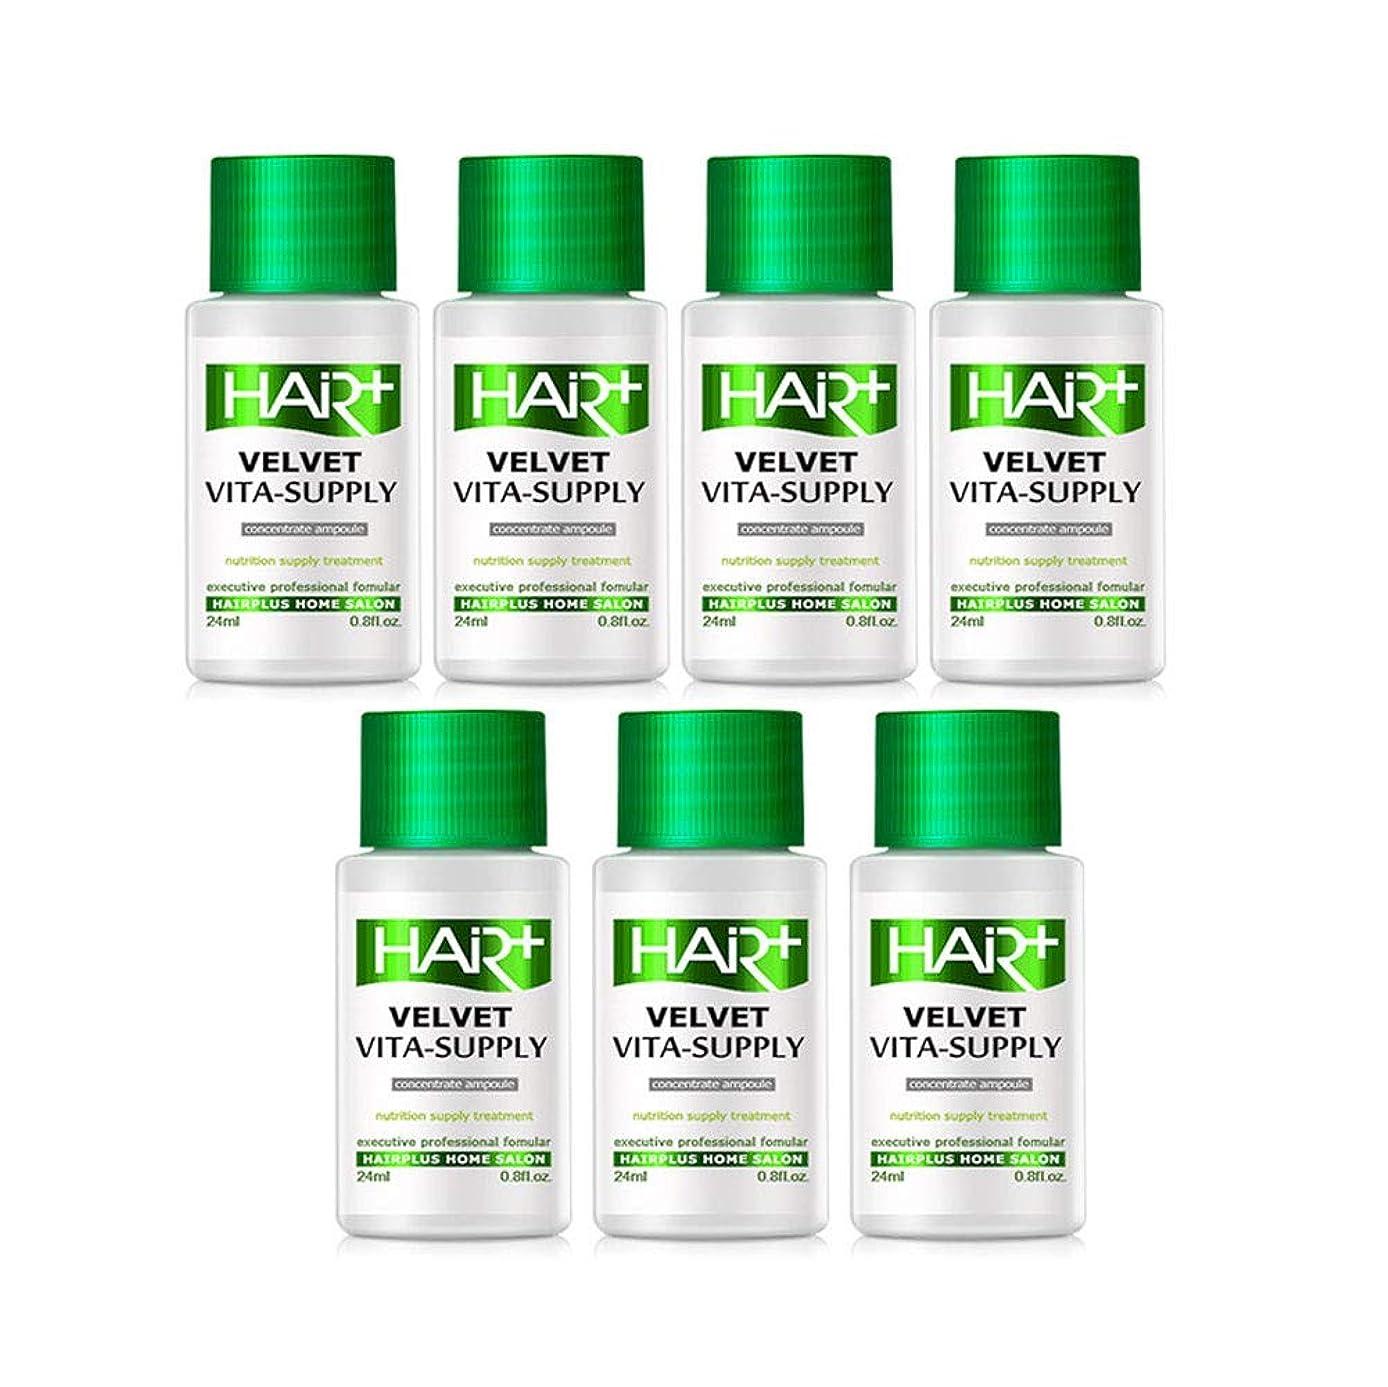 コーナー幾分規模ヘアプラスHairplus韓国コス メヘアビタミンアンプルヘアケアトリートメント(細い毛?傷んだ髪用) 24ml 7個セット 海外直送品Vita-Supply Concentrate Ampoule Nutrition supply treatment [並行輸入品]